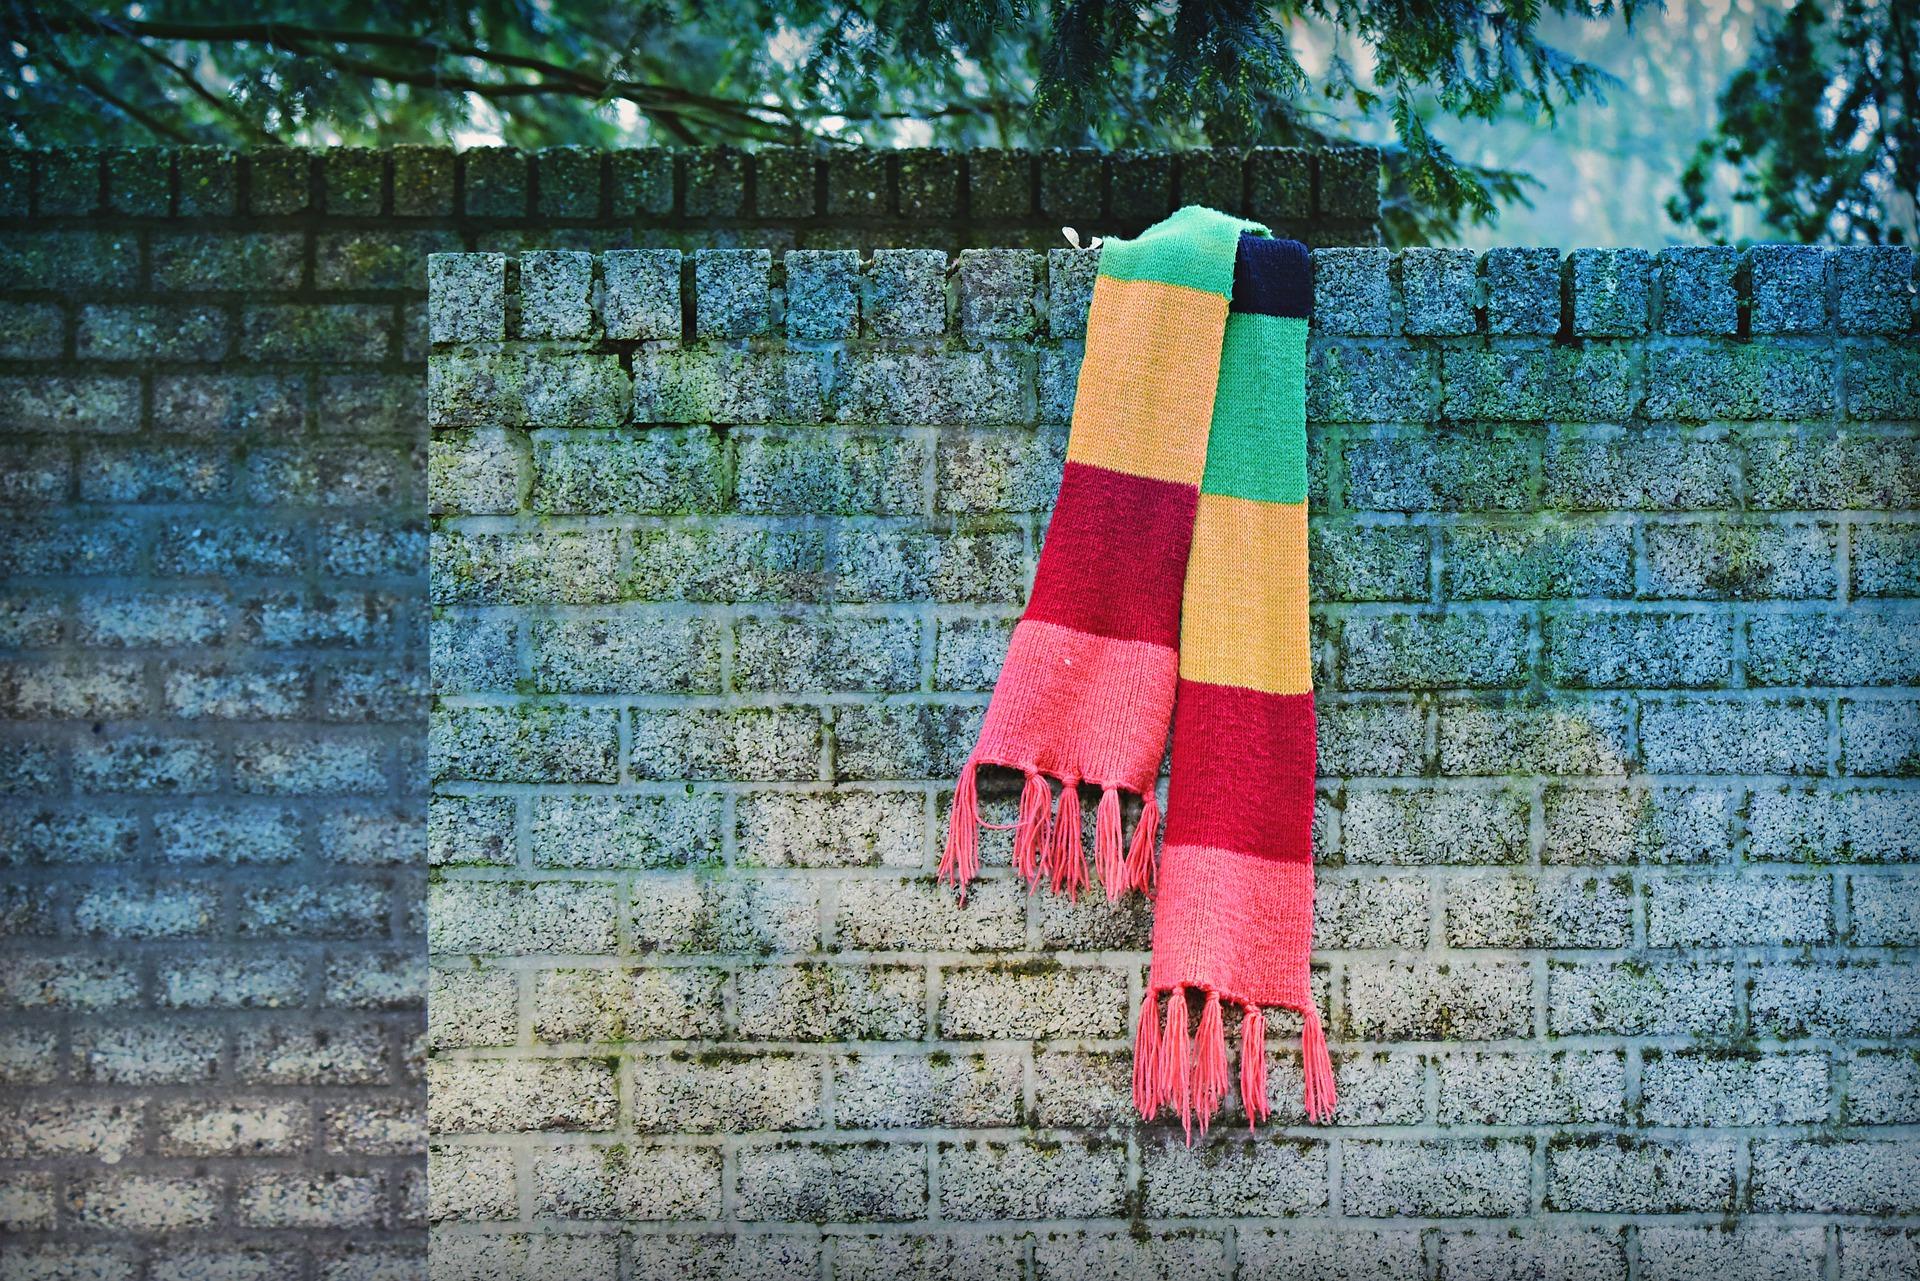 scarf-4849441_1920